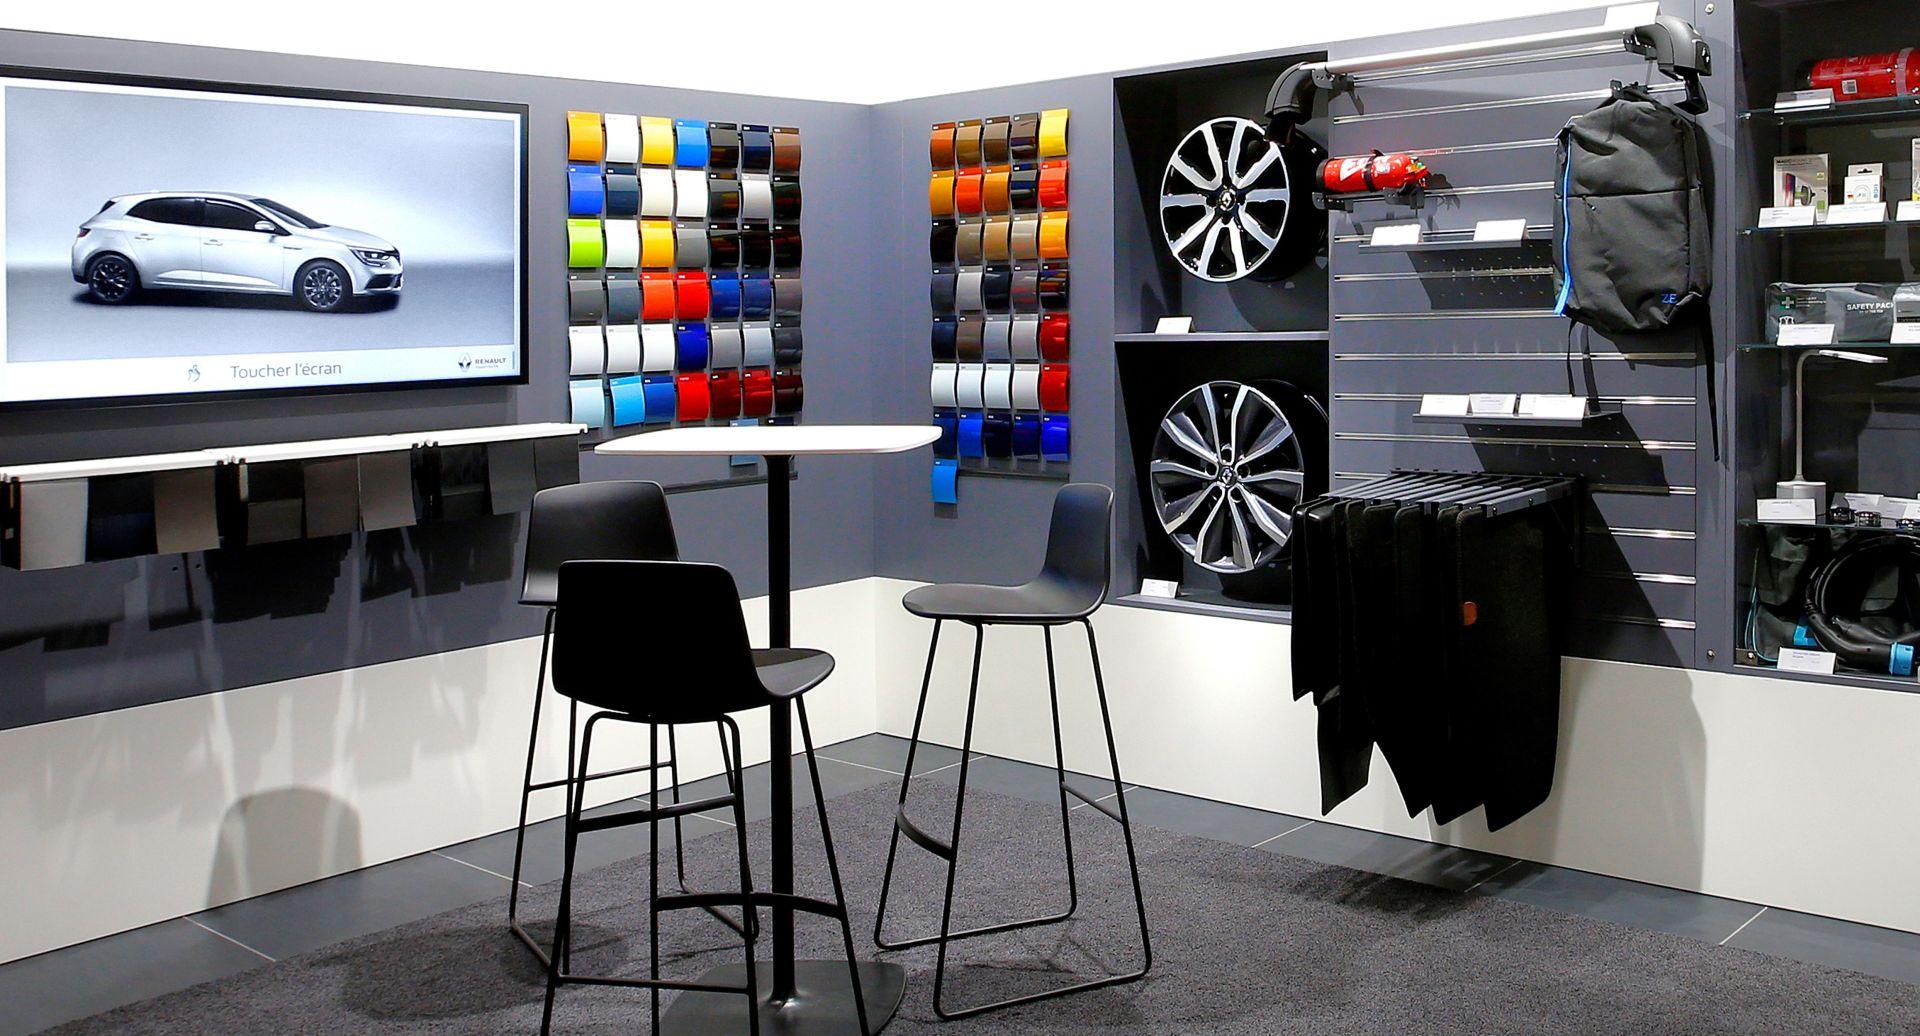 Renault, Nissan i Dacija omogućuju da posjetite prodajni salon putem videopoziva